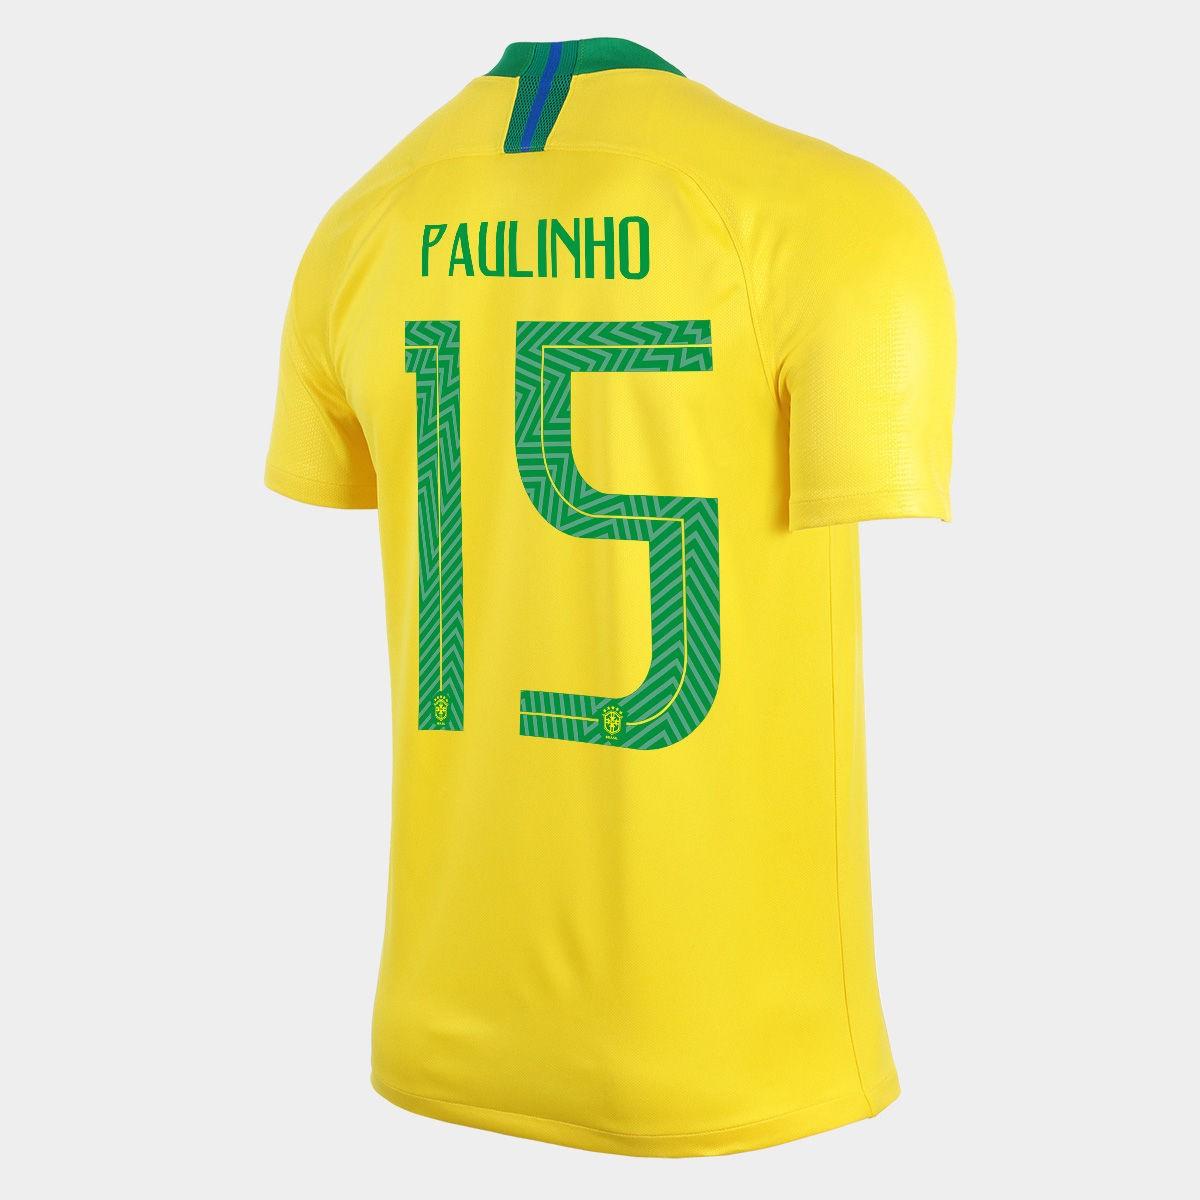 44a1610e54 Camisa Seleção Brasileira I 2018 N°15 PAULINHO